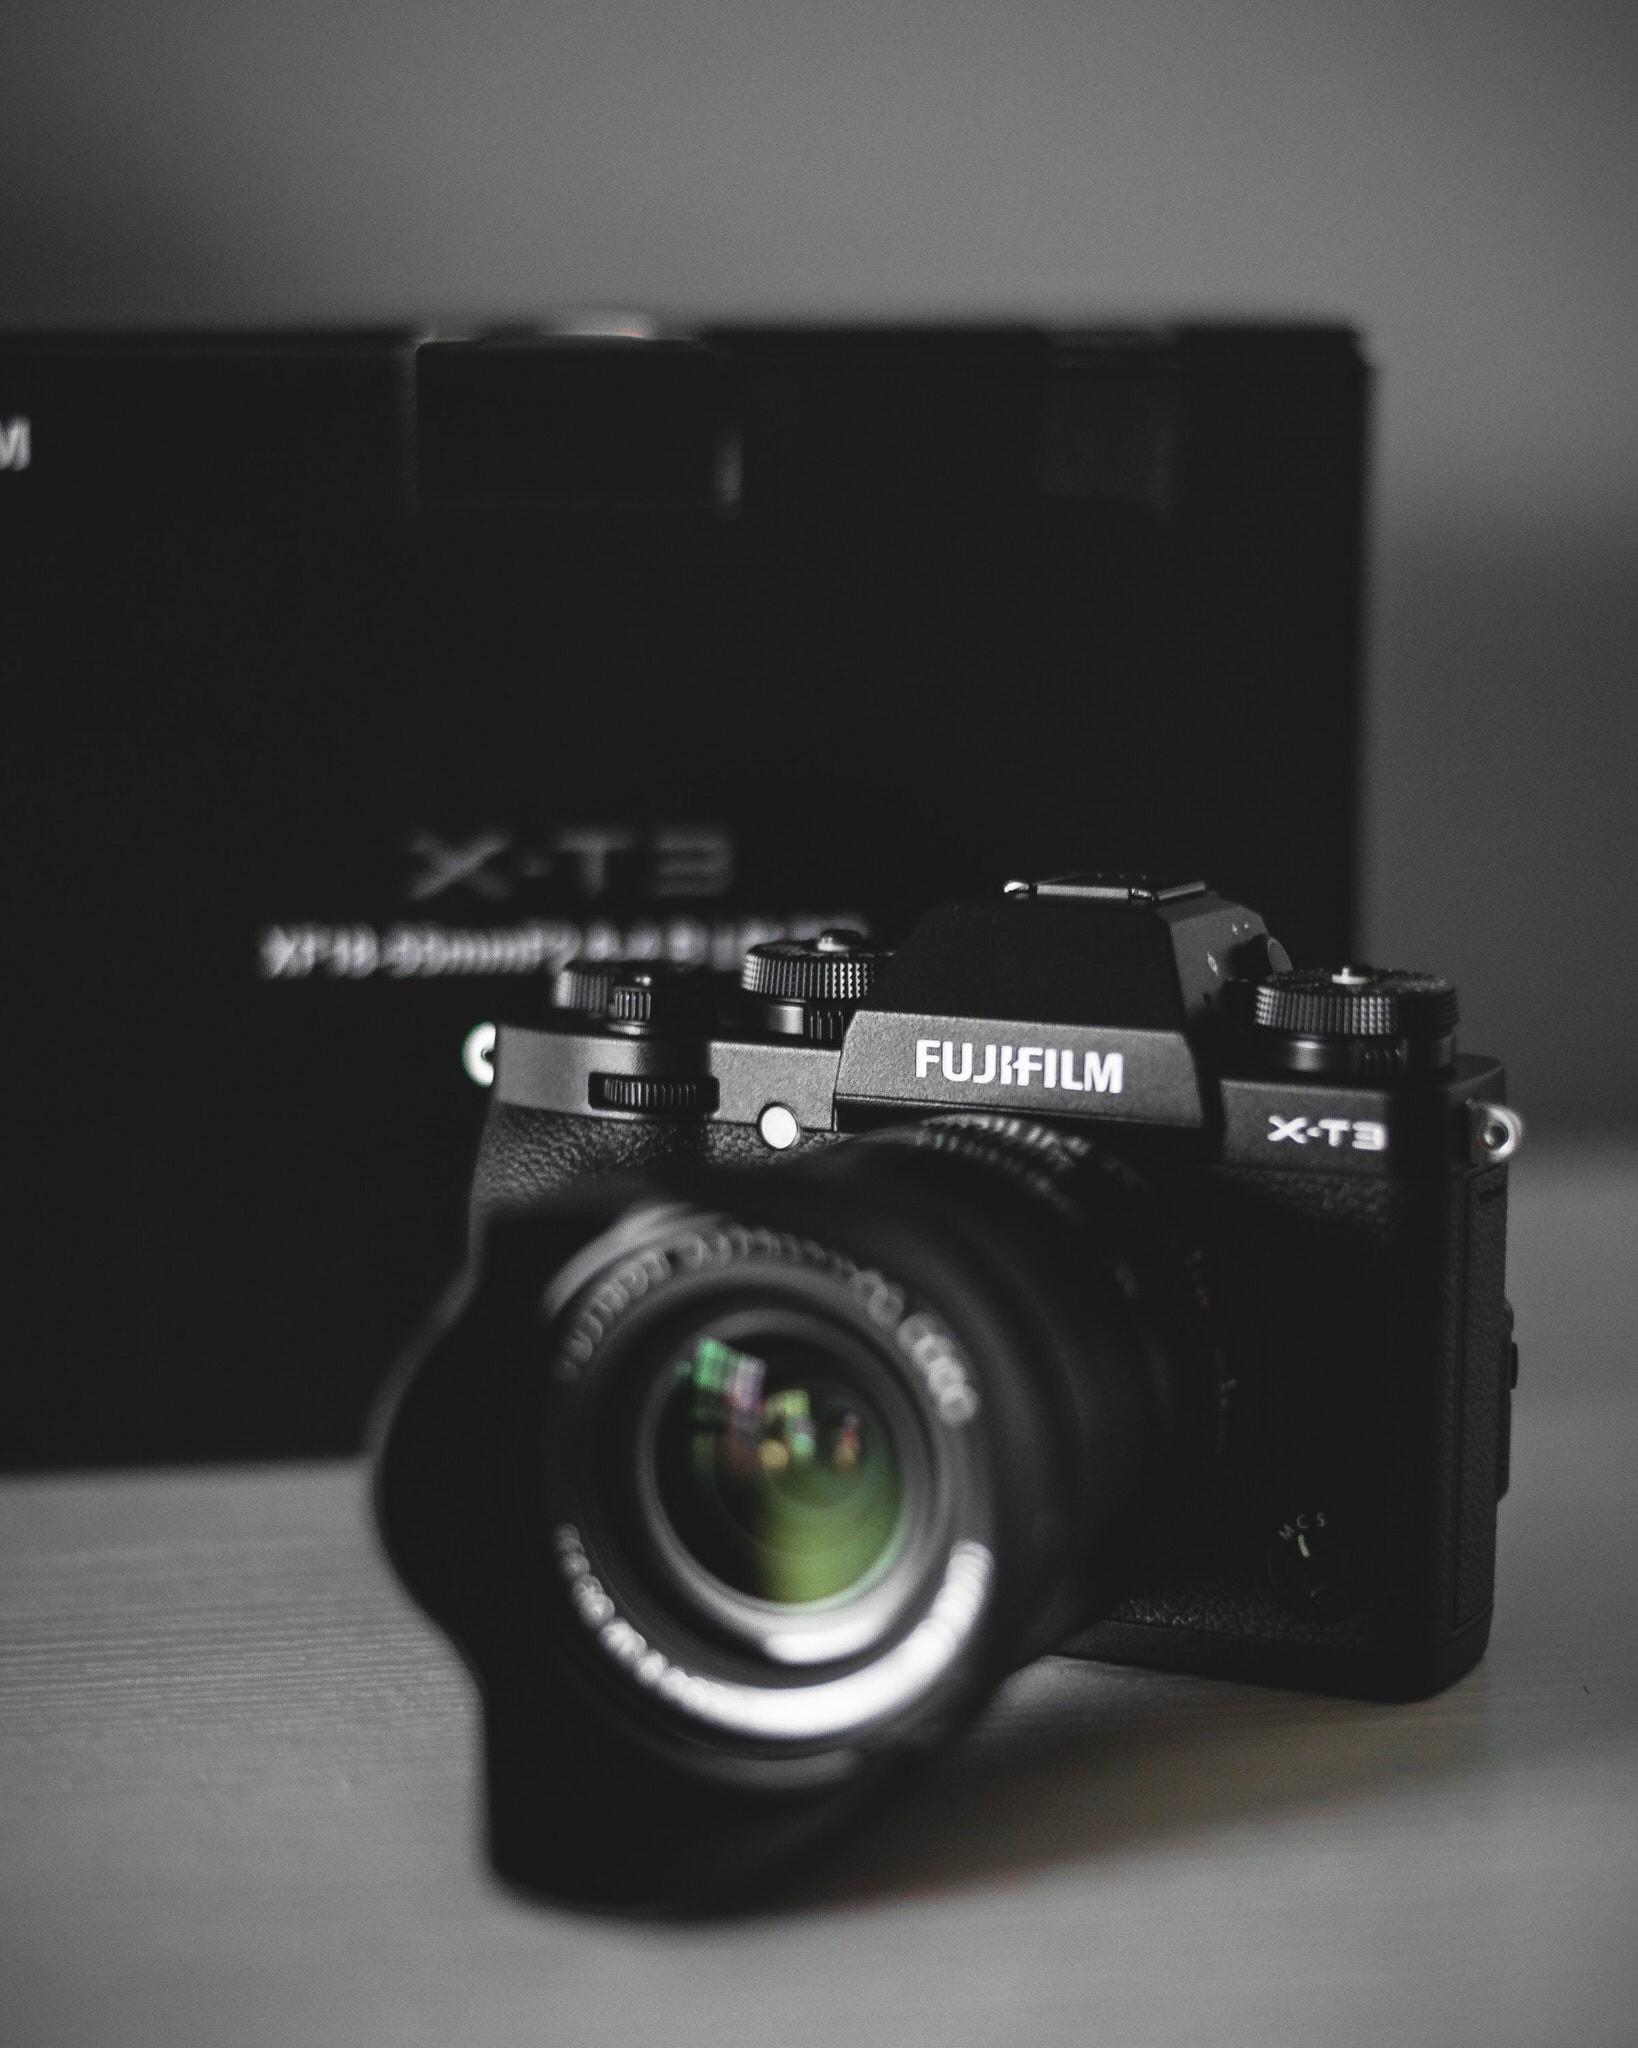 Fujifilm X-T3 là chiếc máy ảnh tốt nhất trong khoảng giá 30 triệu đồng – WinWin Store